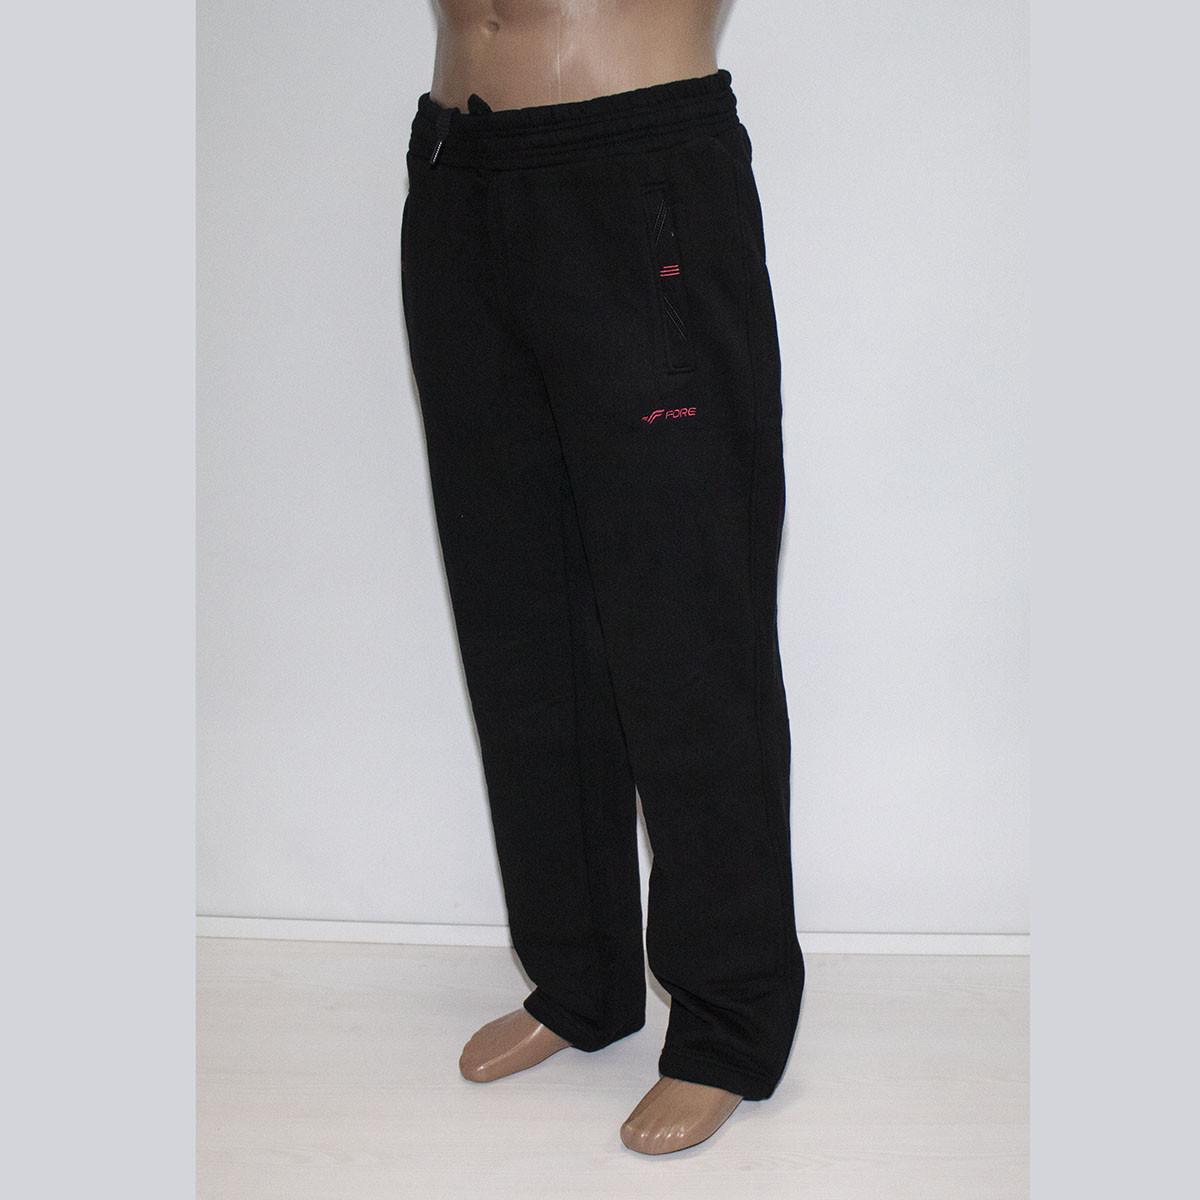 Мужские зимние спортивные штаны трехнитка фабрика Турция тм. FORE 1147